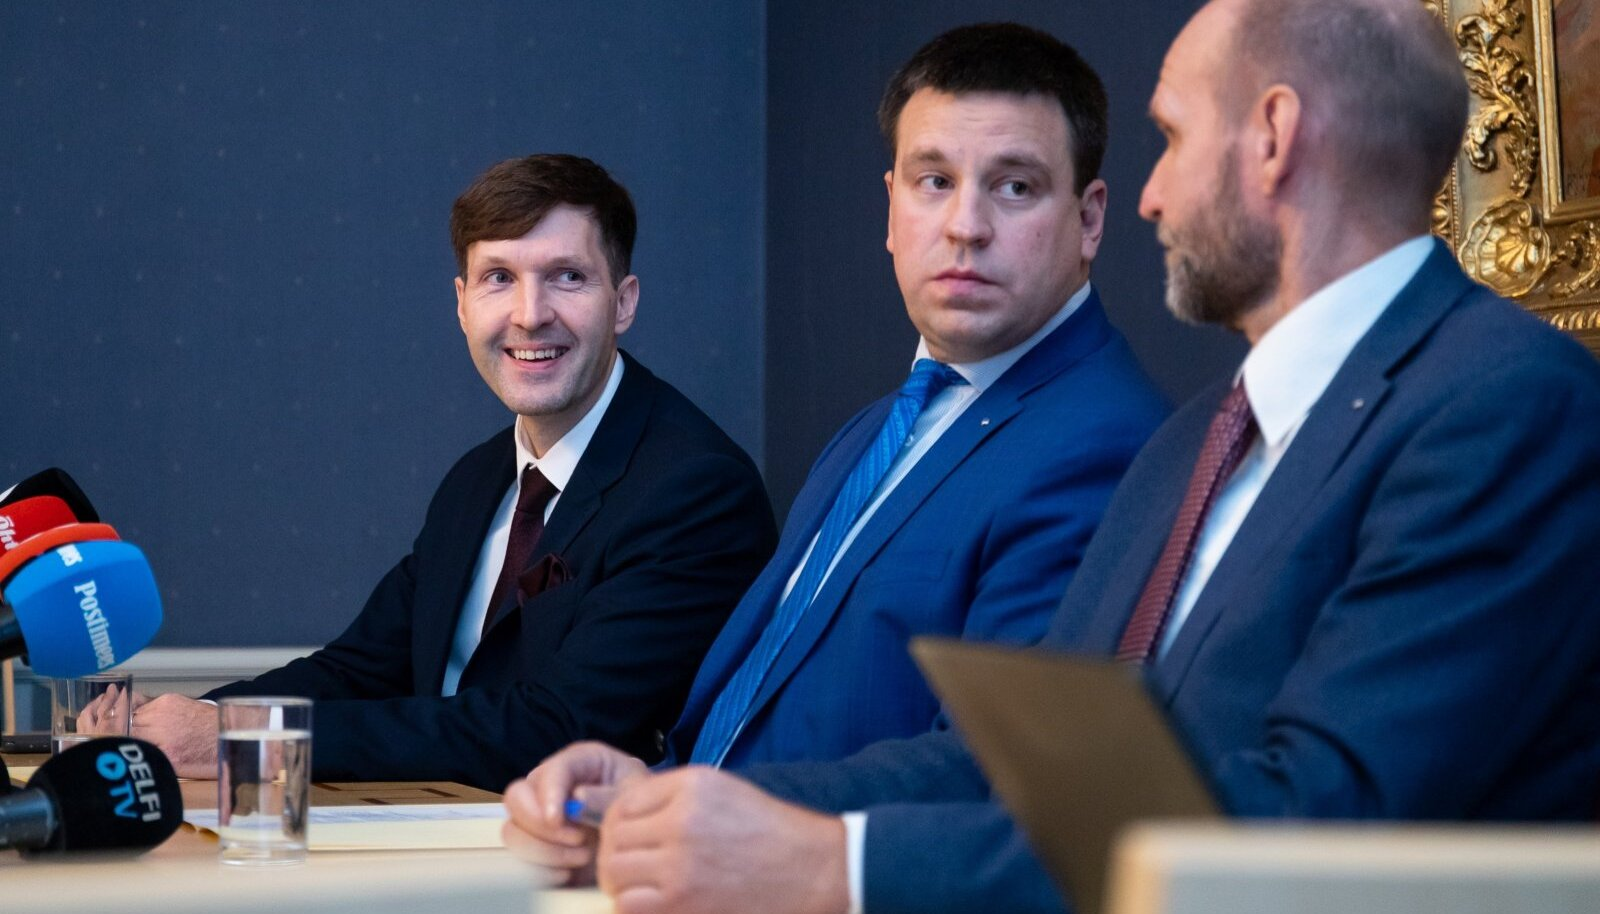 Koalitsioonierakondade juhid Martin Helme (EKRE, vasakul), Jüri Ratas (Keskerakond) ja Helir-Valdor Seeder (Isamaa) kinnitasid eile, et kriis on teinud võimuliidu tugevamaks ja nüüd mõistavad nad üksteist paremini.